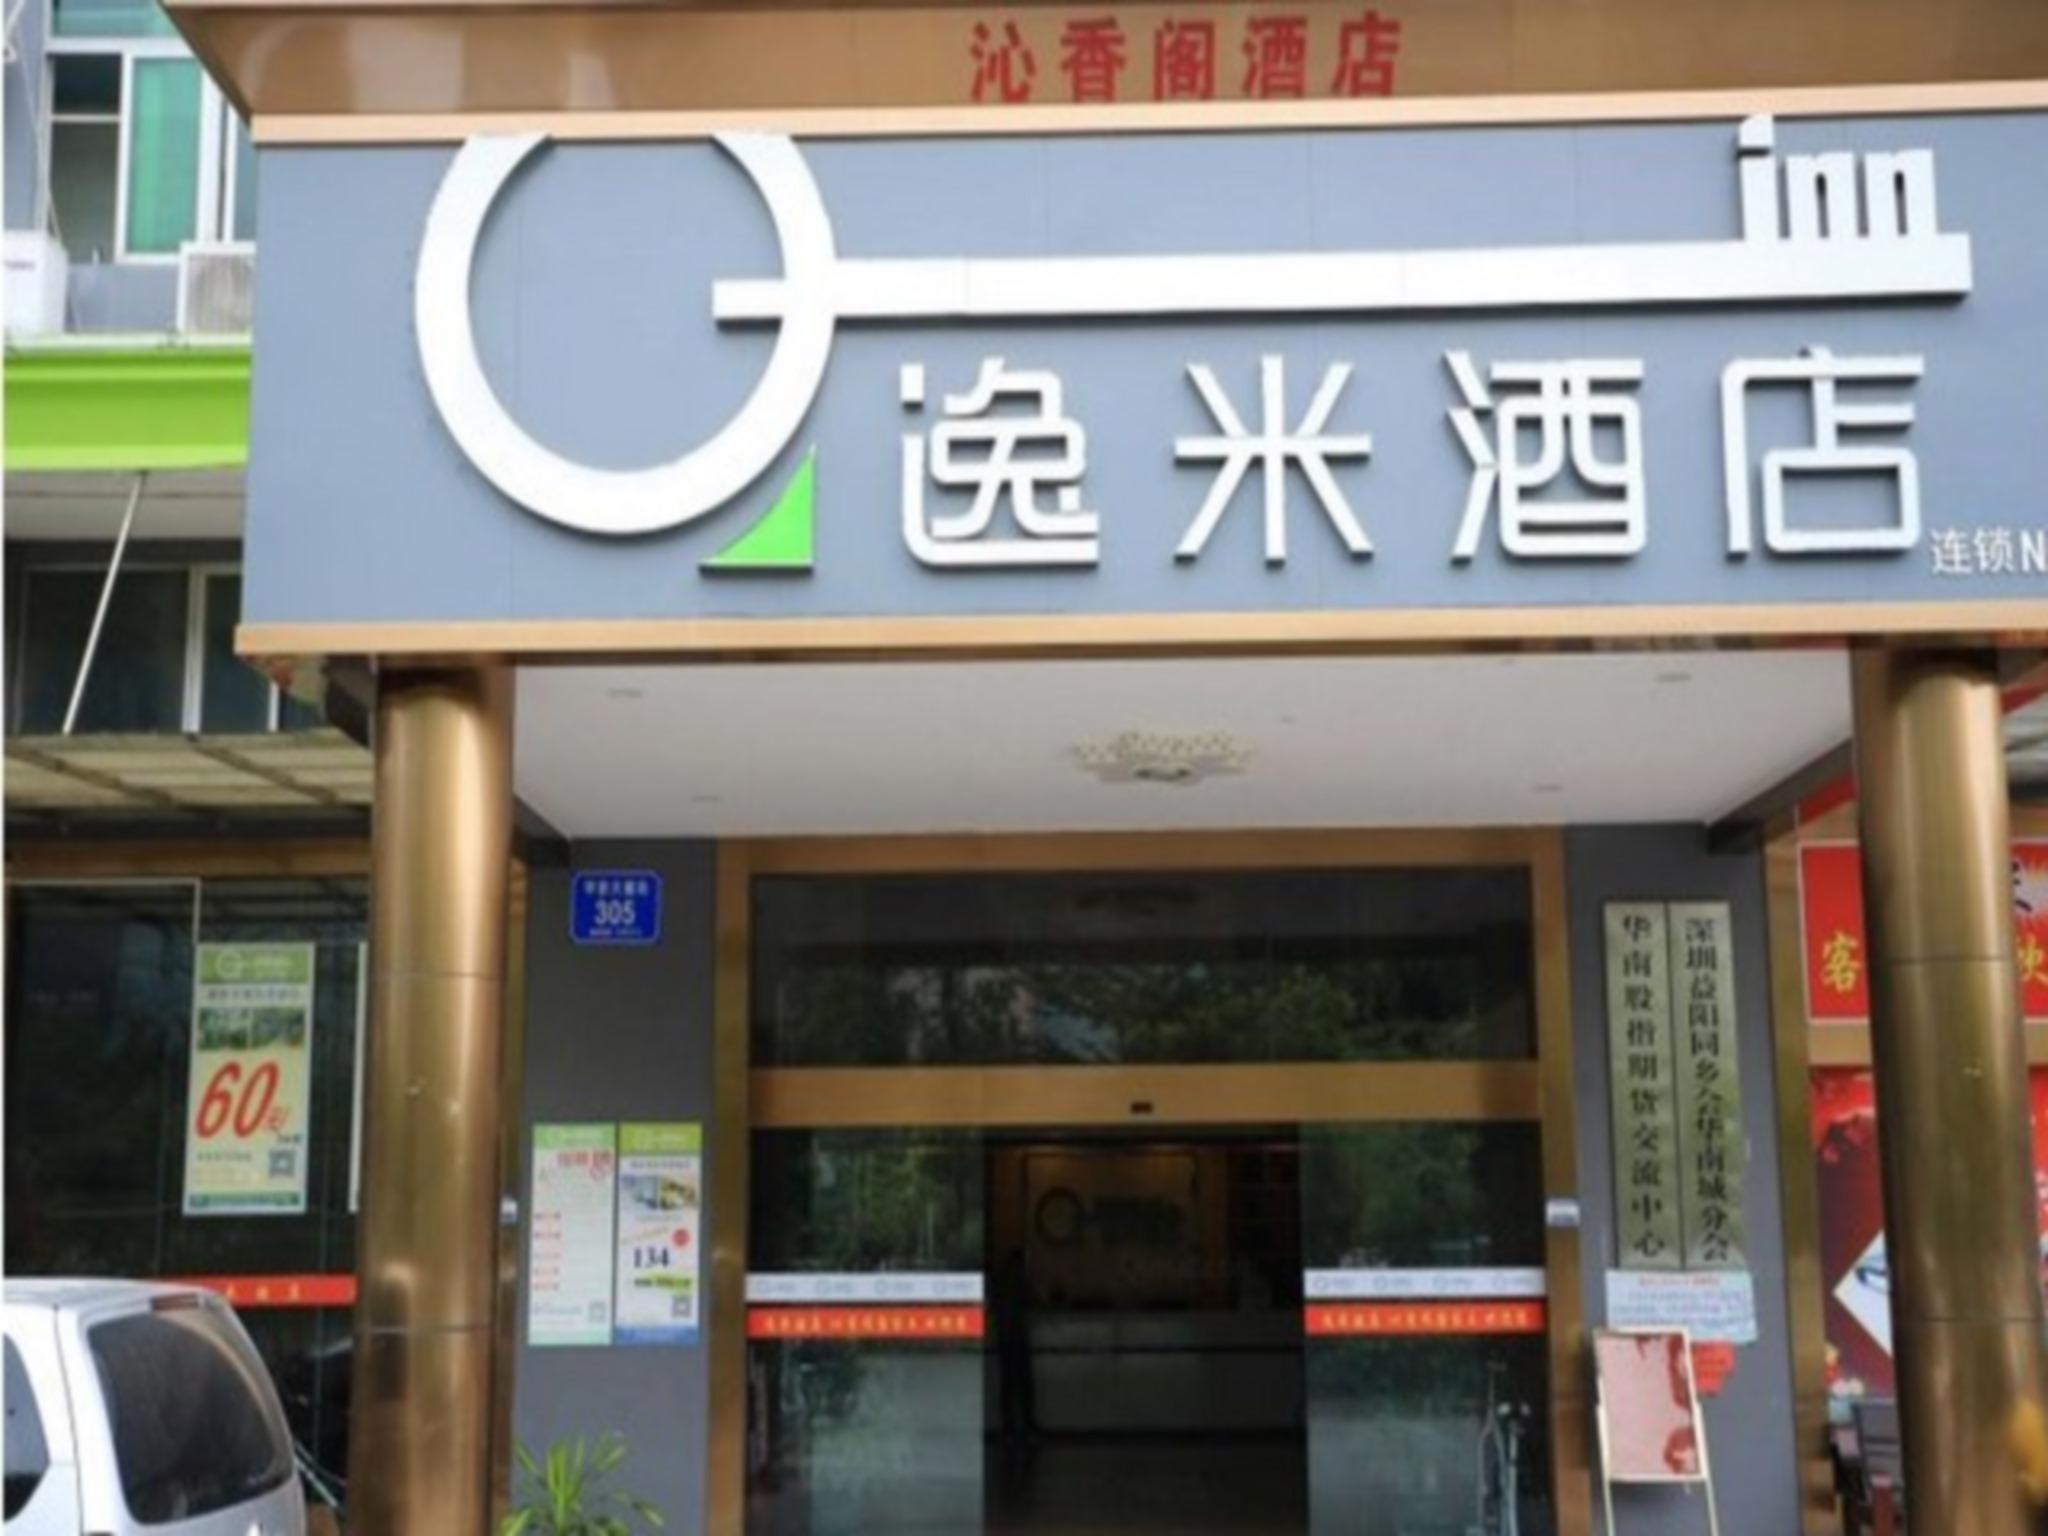 Yi Mi Hotel Shenzhen Longgang Pinghu South China City